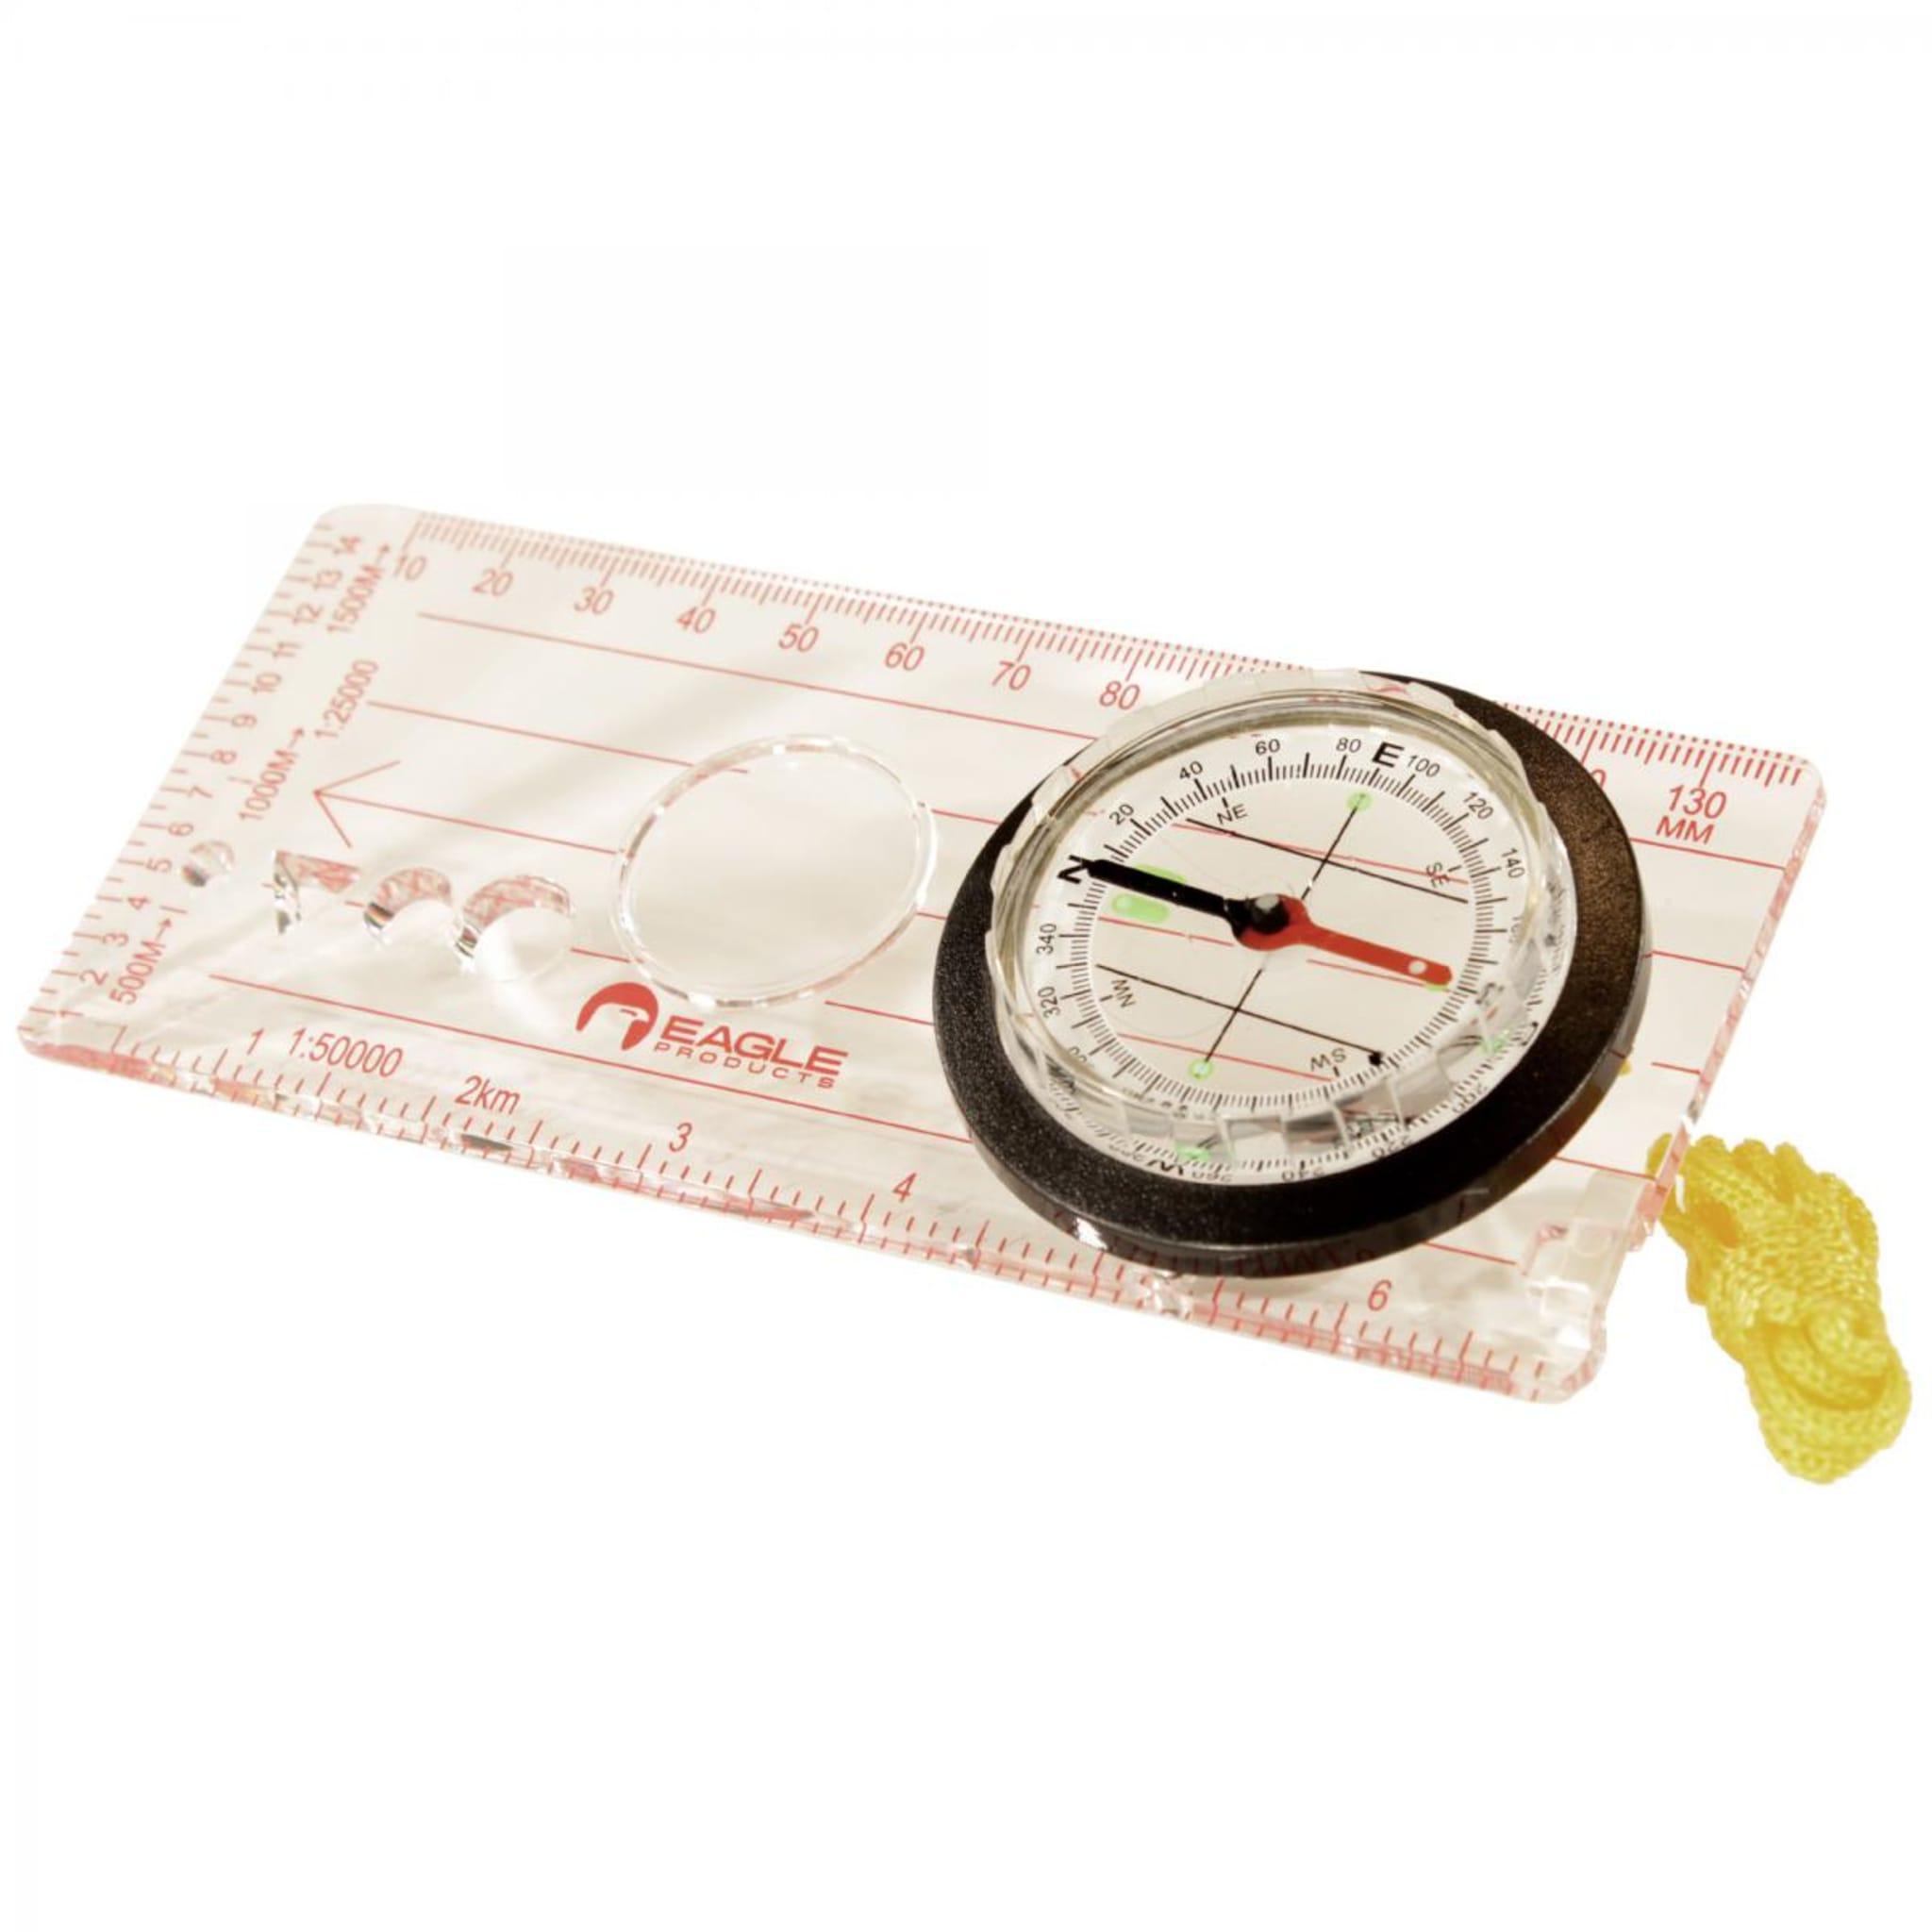 Praktisk og enkelt kompass